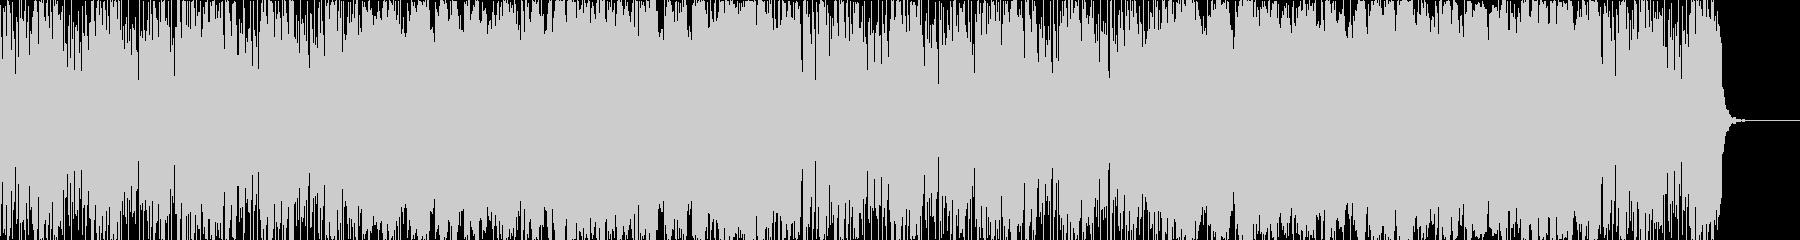 バトルシーン的なBGMの未再生の波形